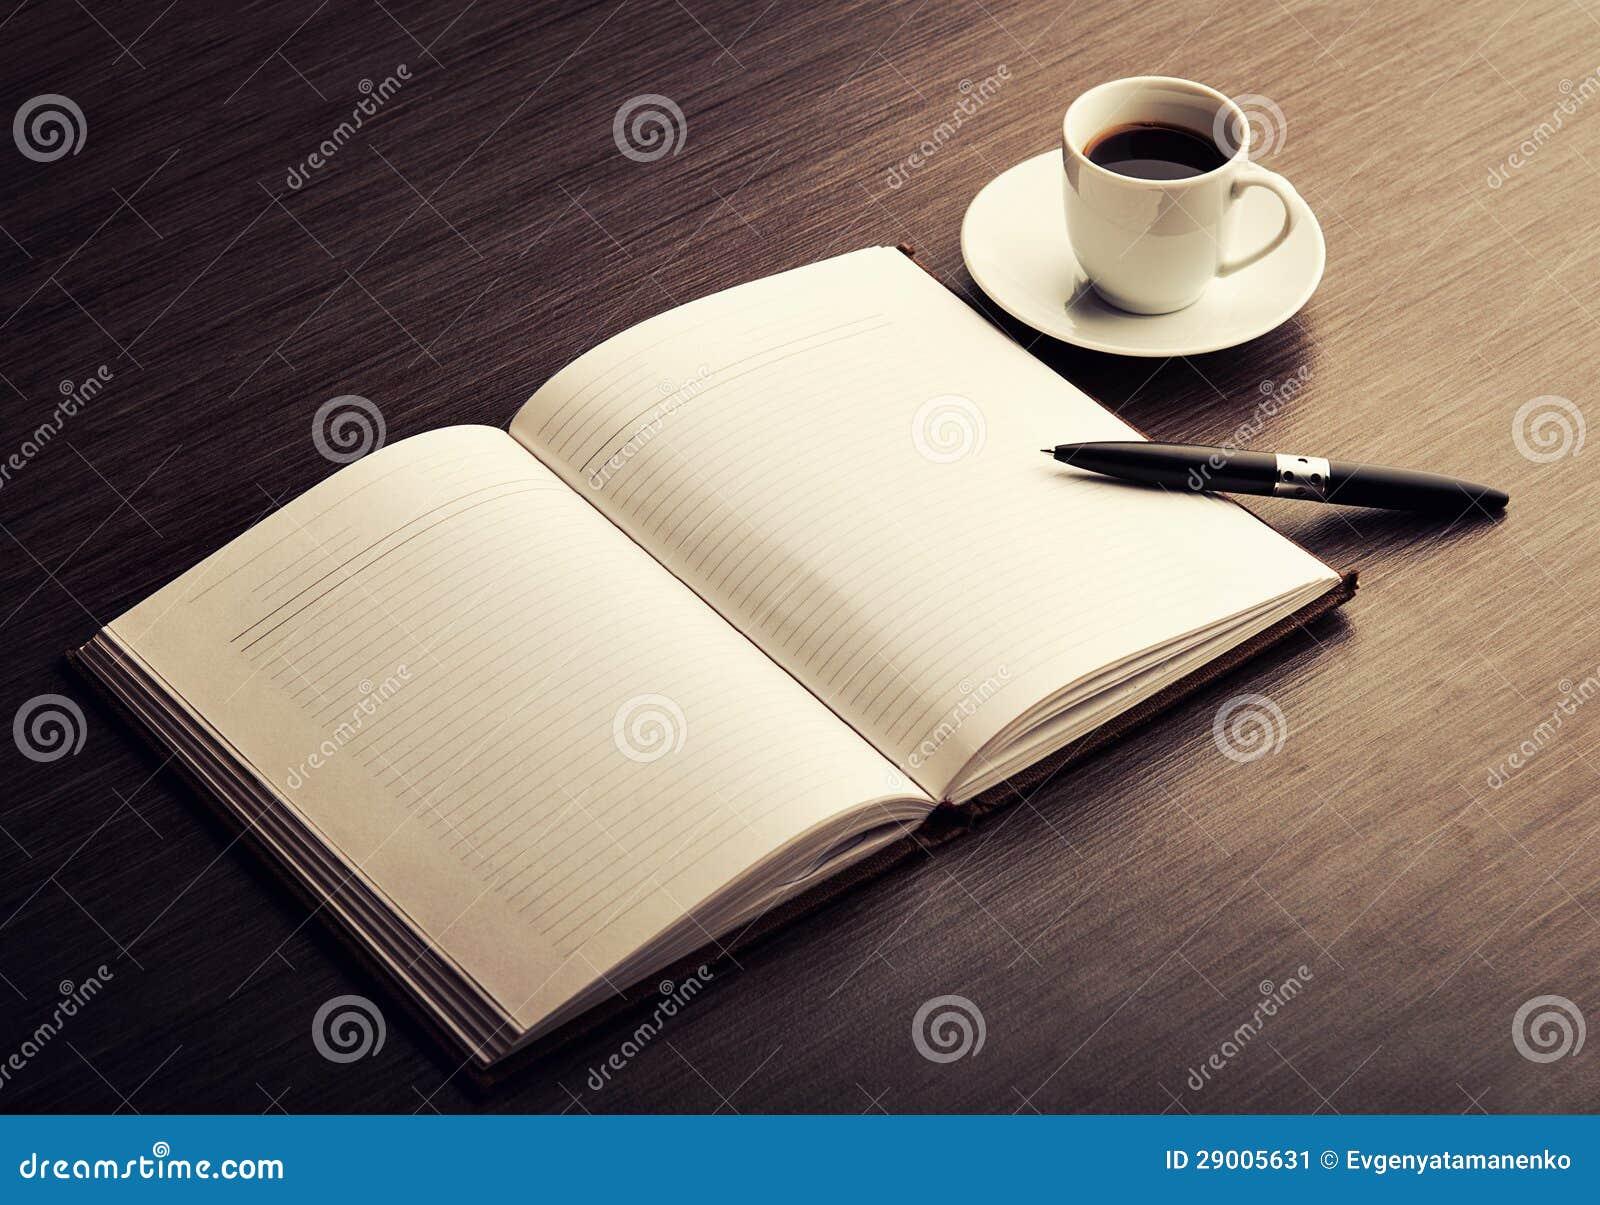 开张在服务台上的一份空白空白笔记本、笔和咖啡